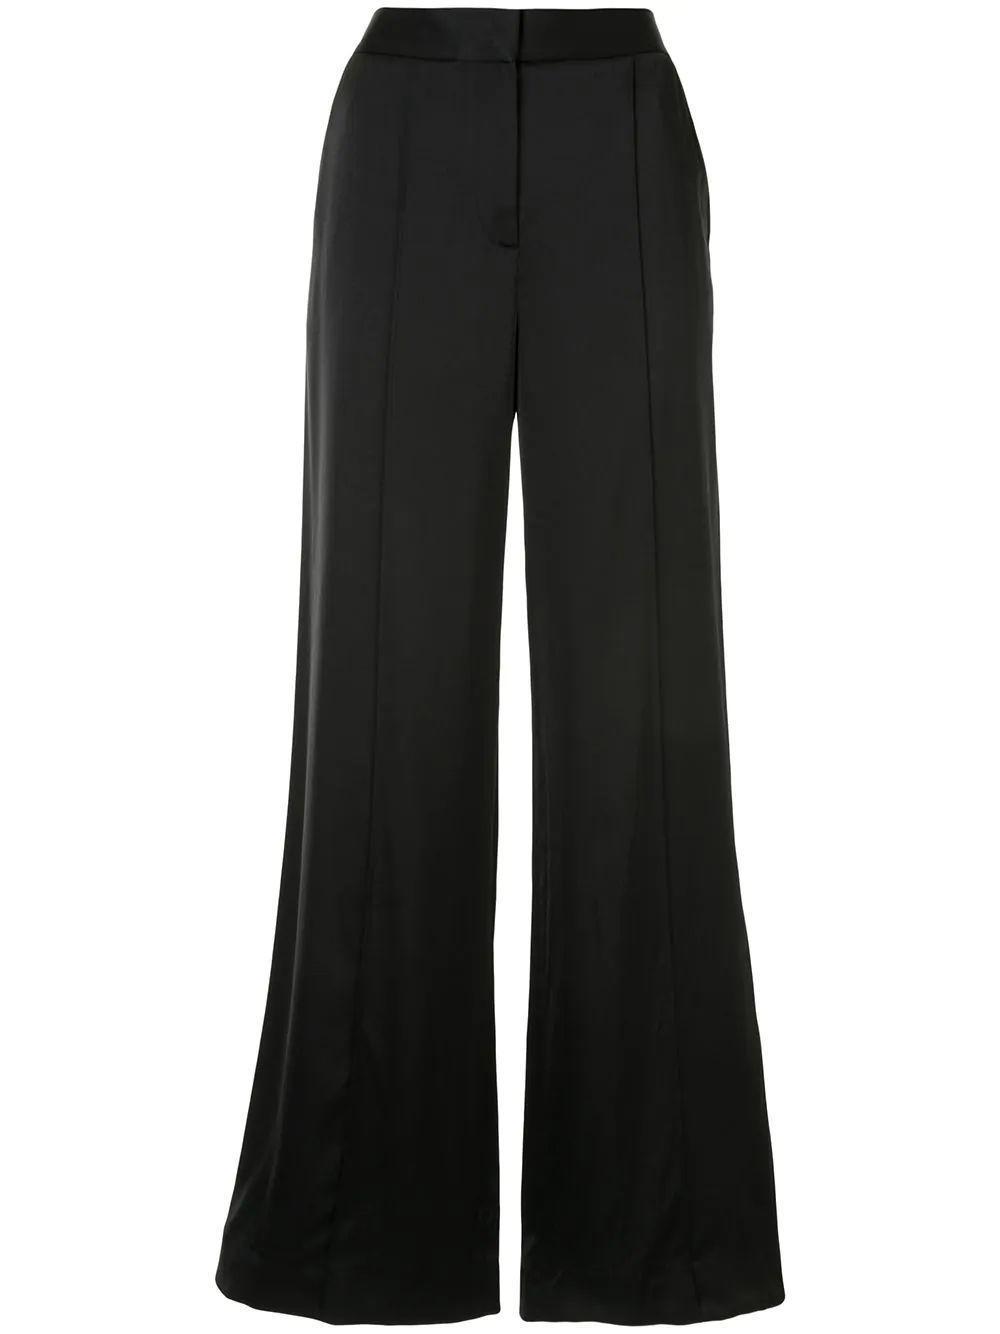 Pyjama Satin Trouser Item # 2320WTR001413A